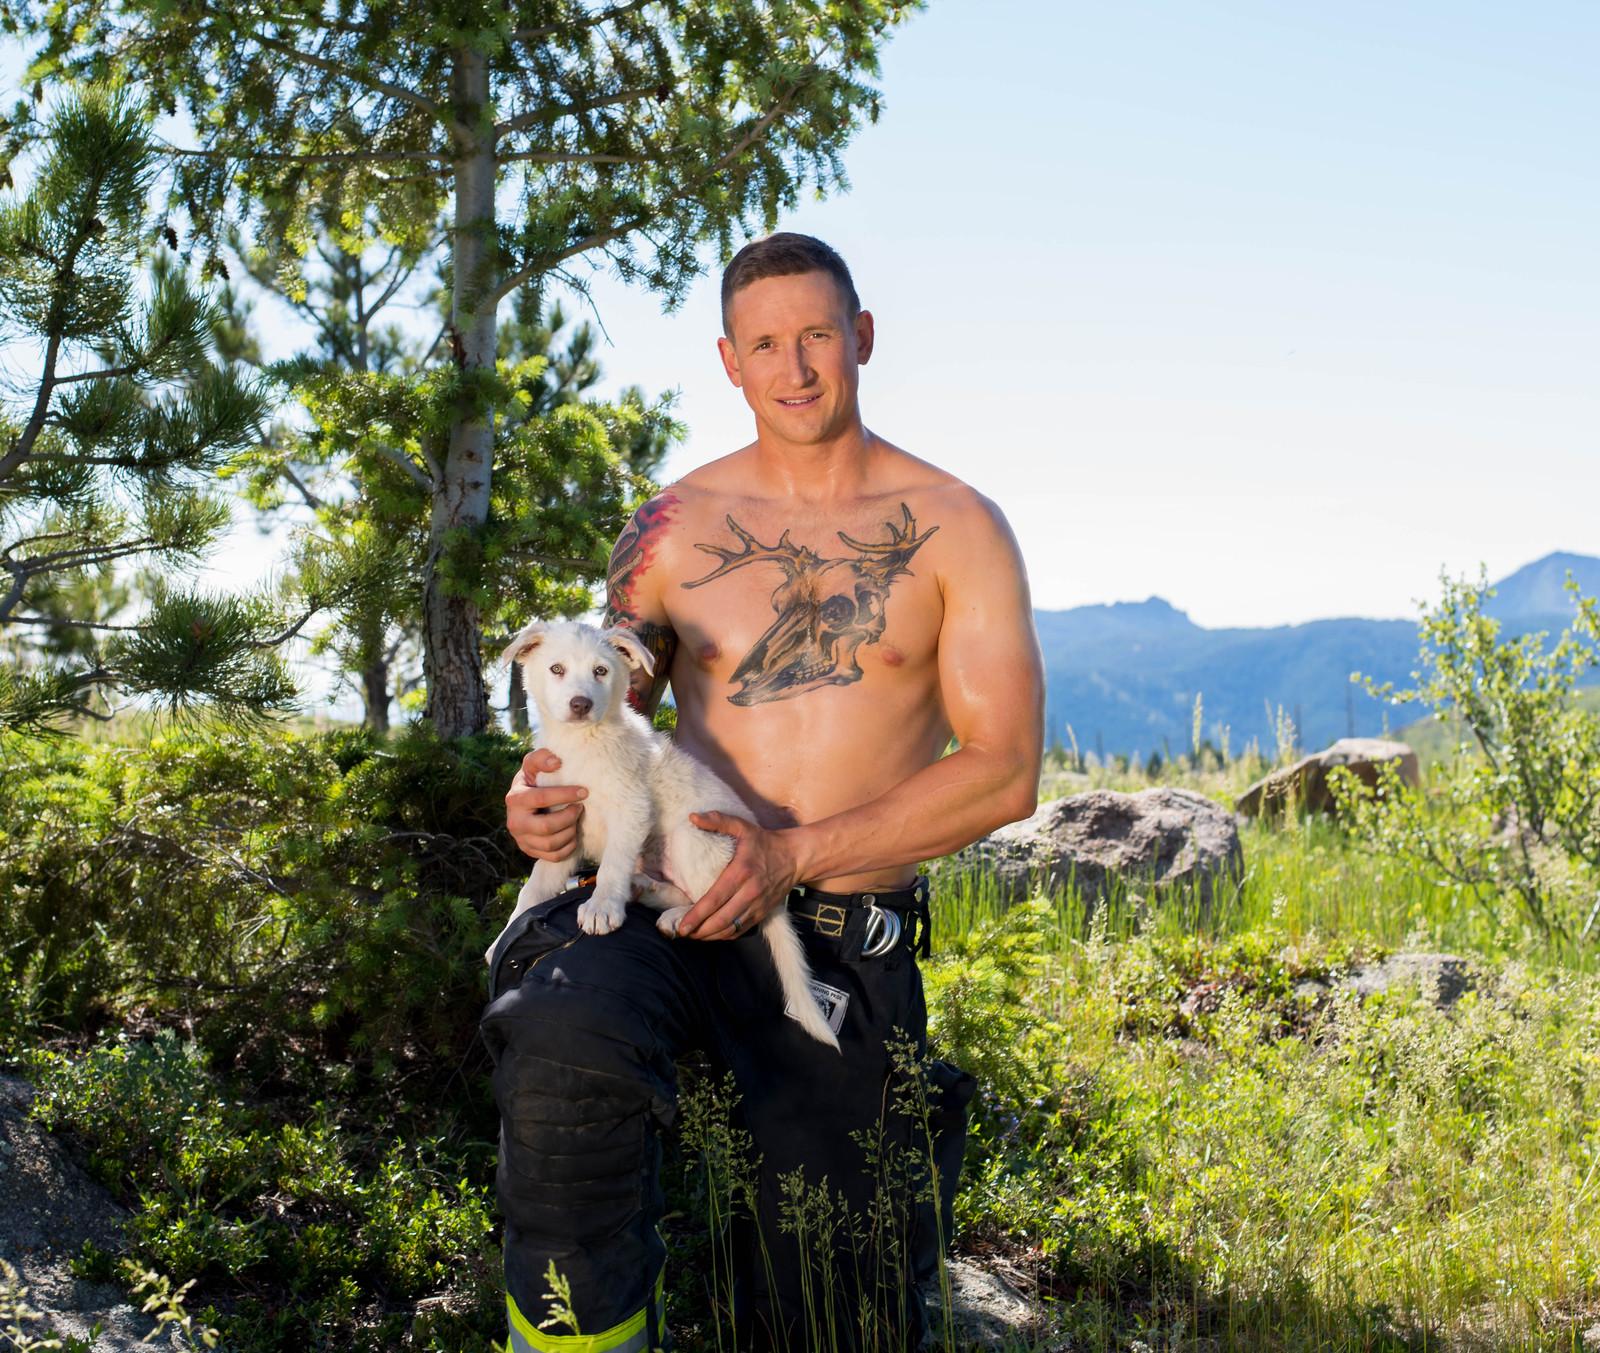 Firefighter Calendar Fire Rescue Dogs Colorado